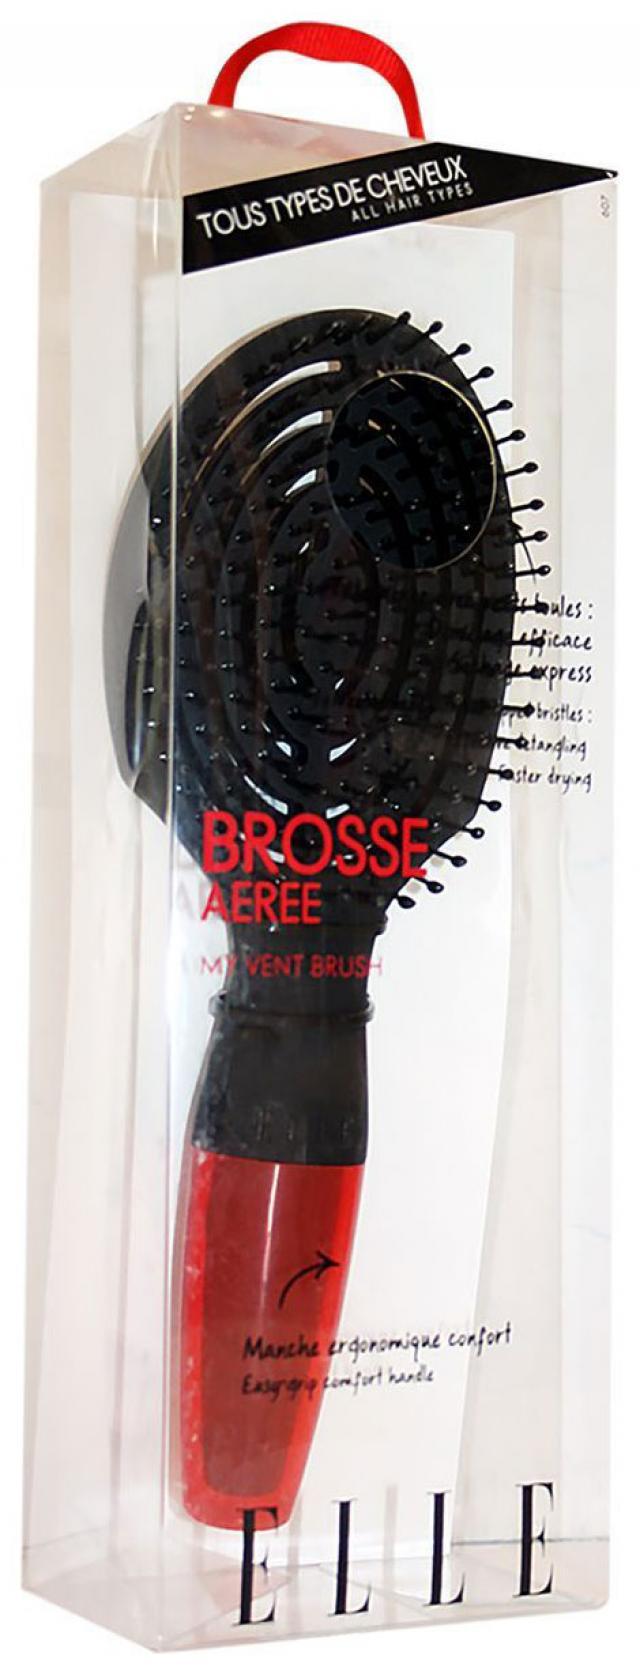 Элль щетка для волос д/создания объема вентил. 3040690576079 купить в Москве по цене от 1710 рублей